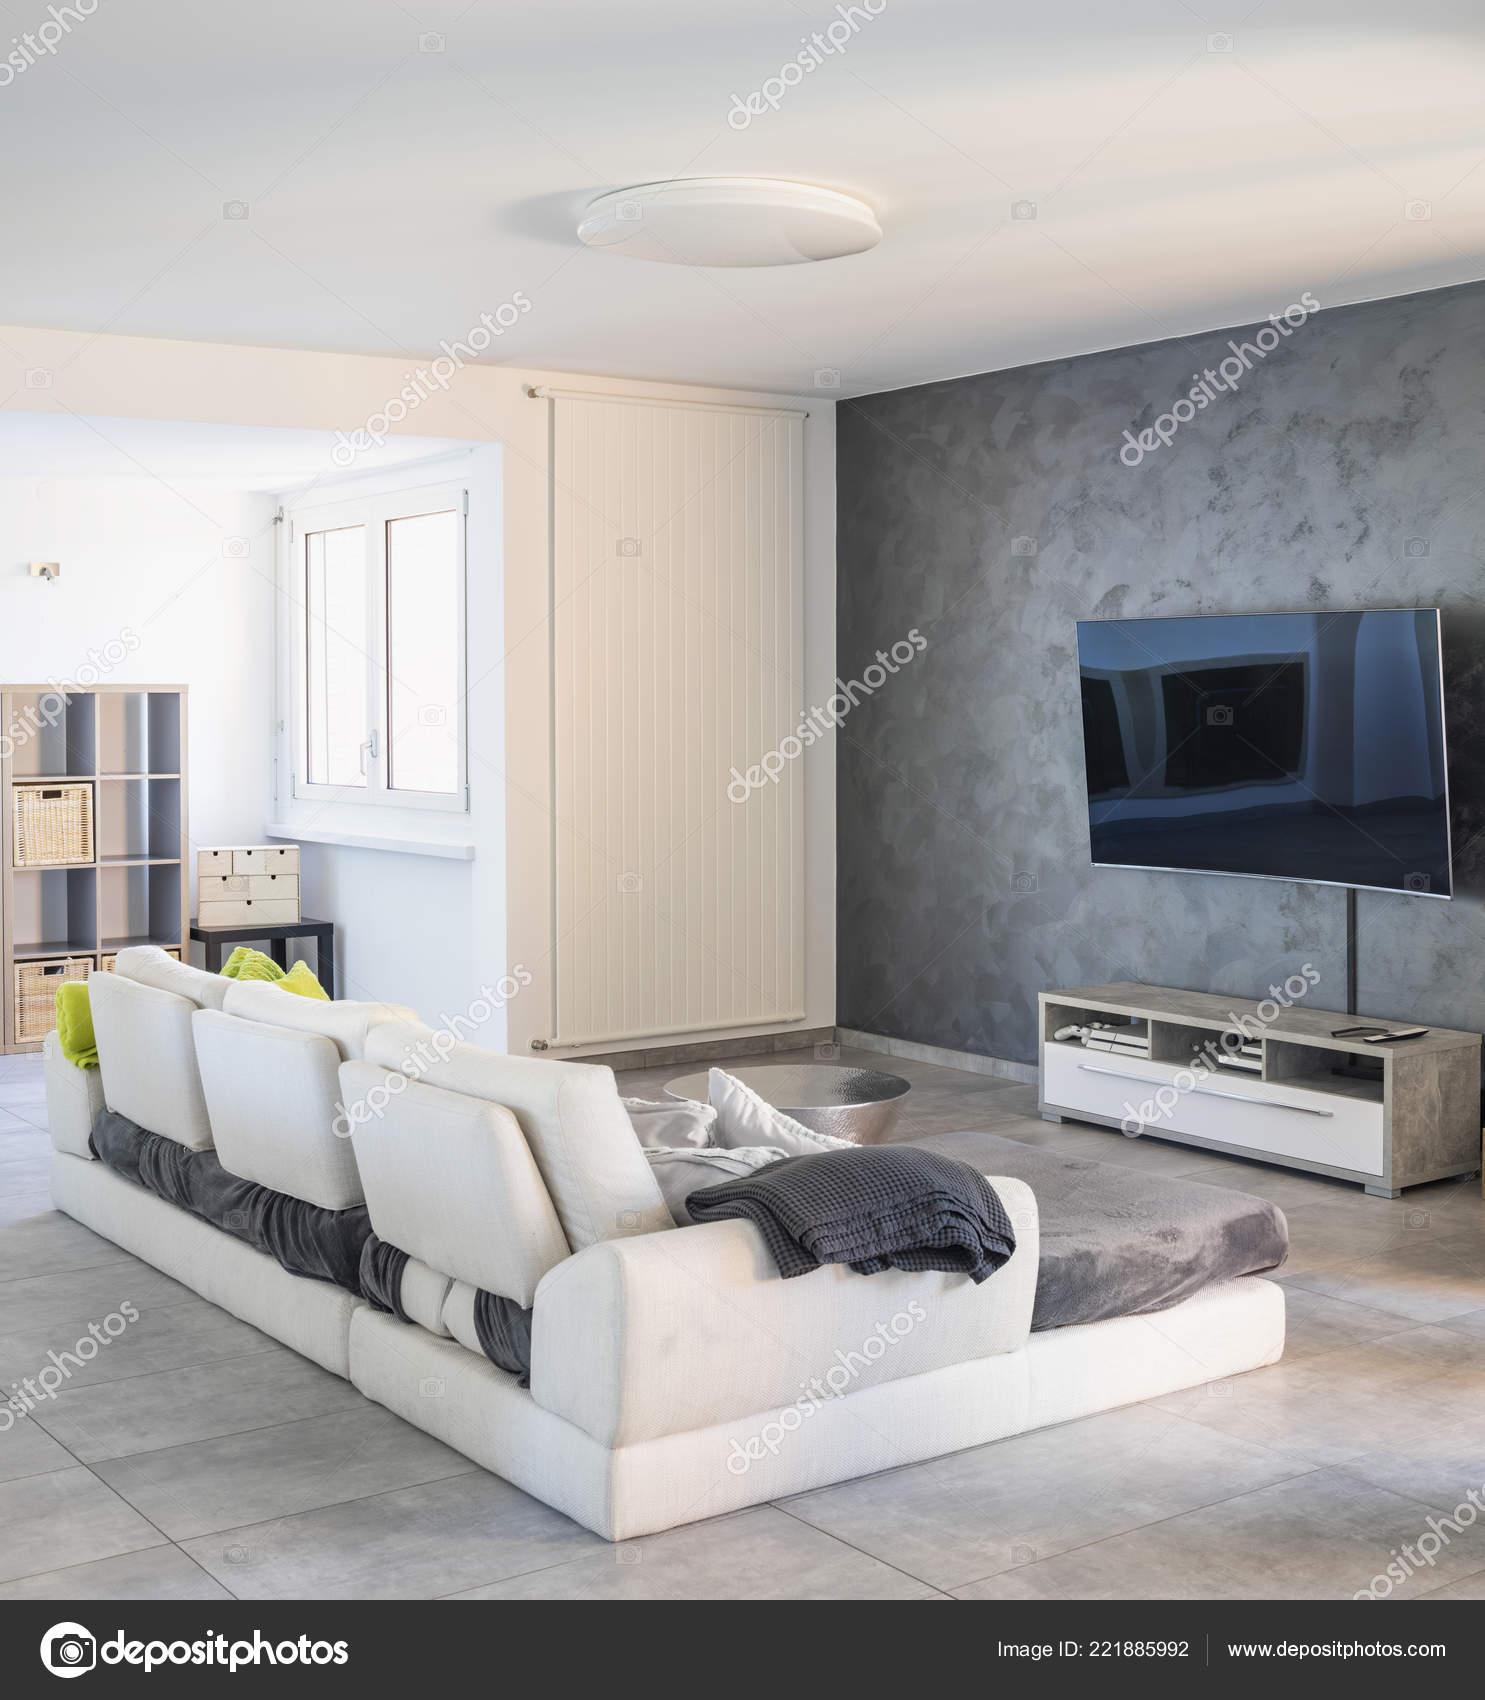 Modernes Wohnzimmer Mit Hellen Sofa Niemand Inneren U2014 Stockfoto